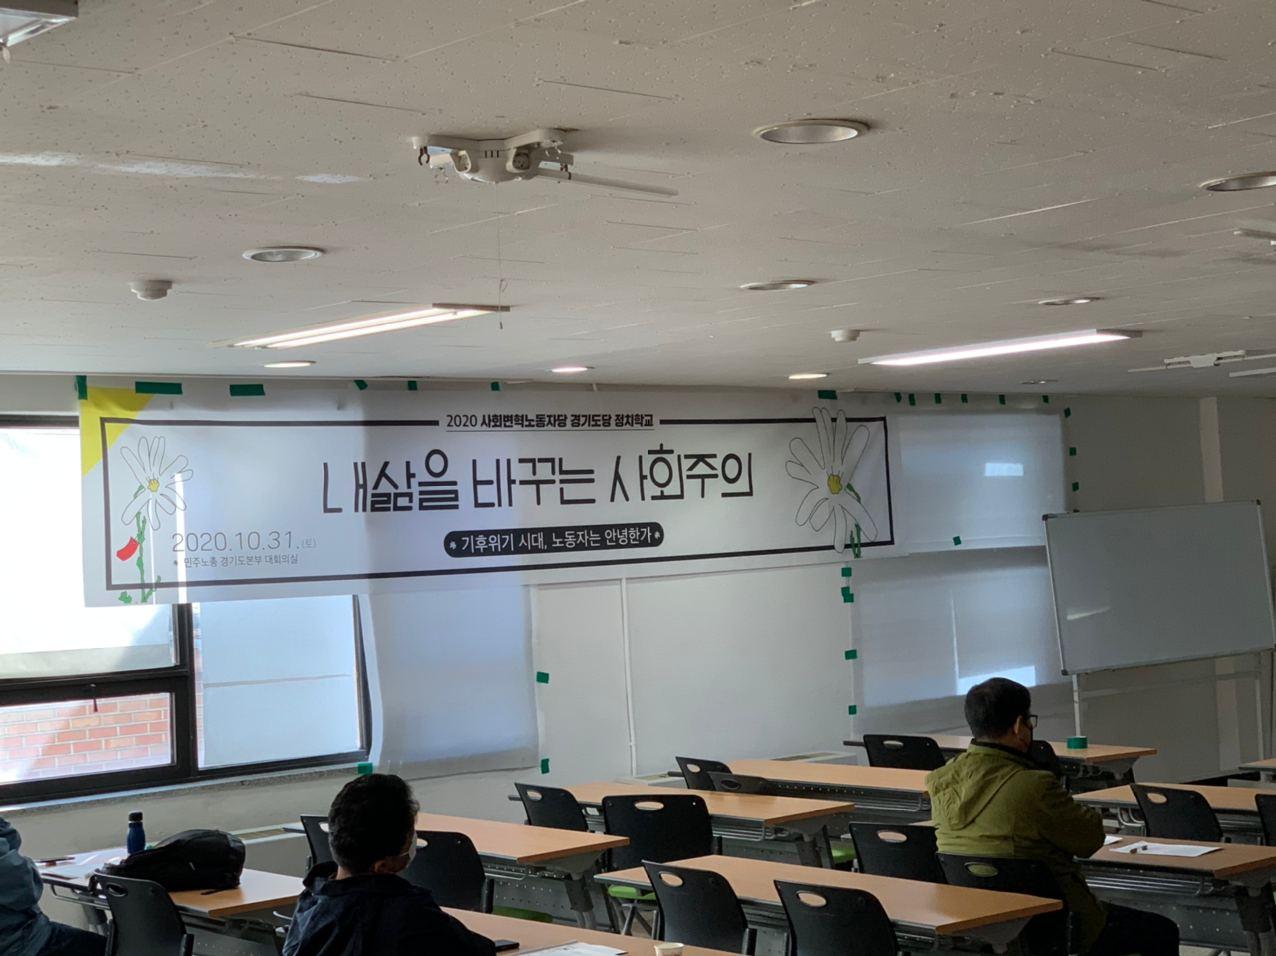 photo_2021-04-08 14.13.08.jpeg